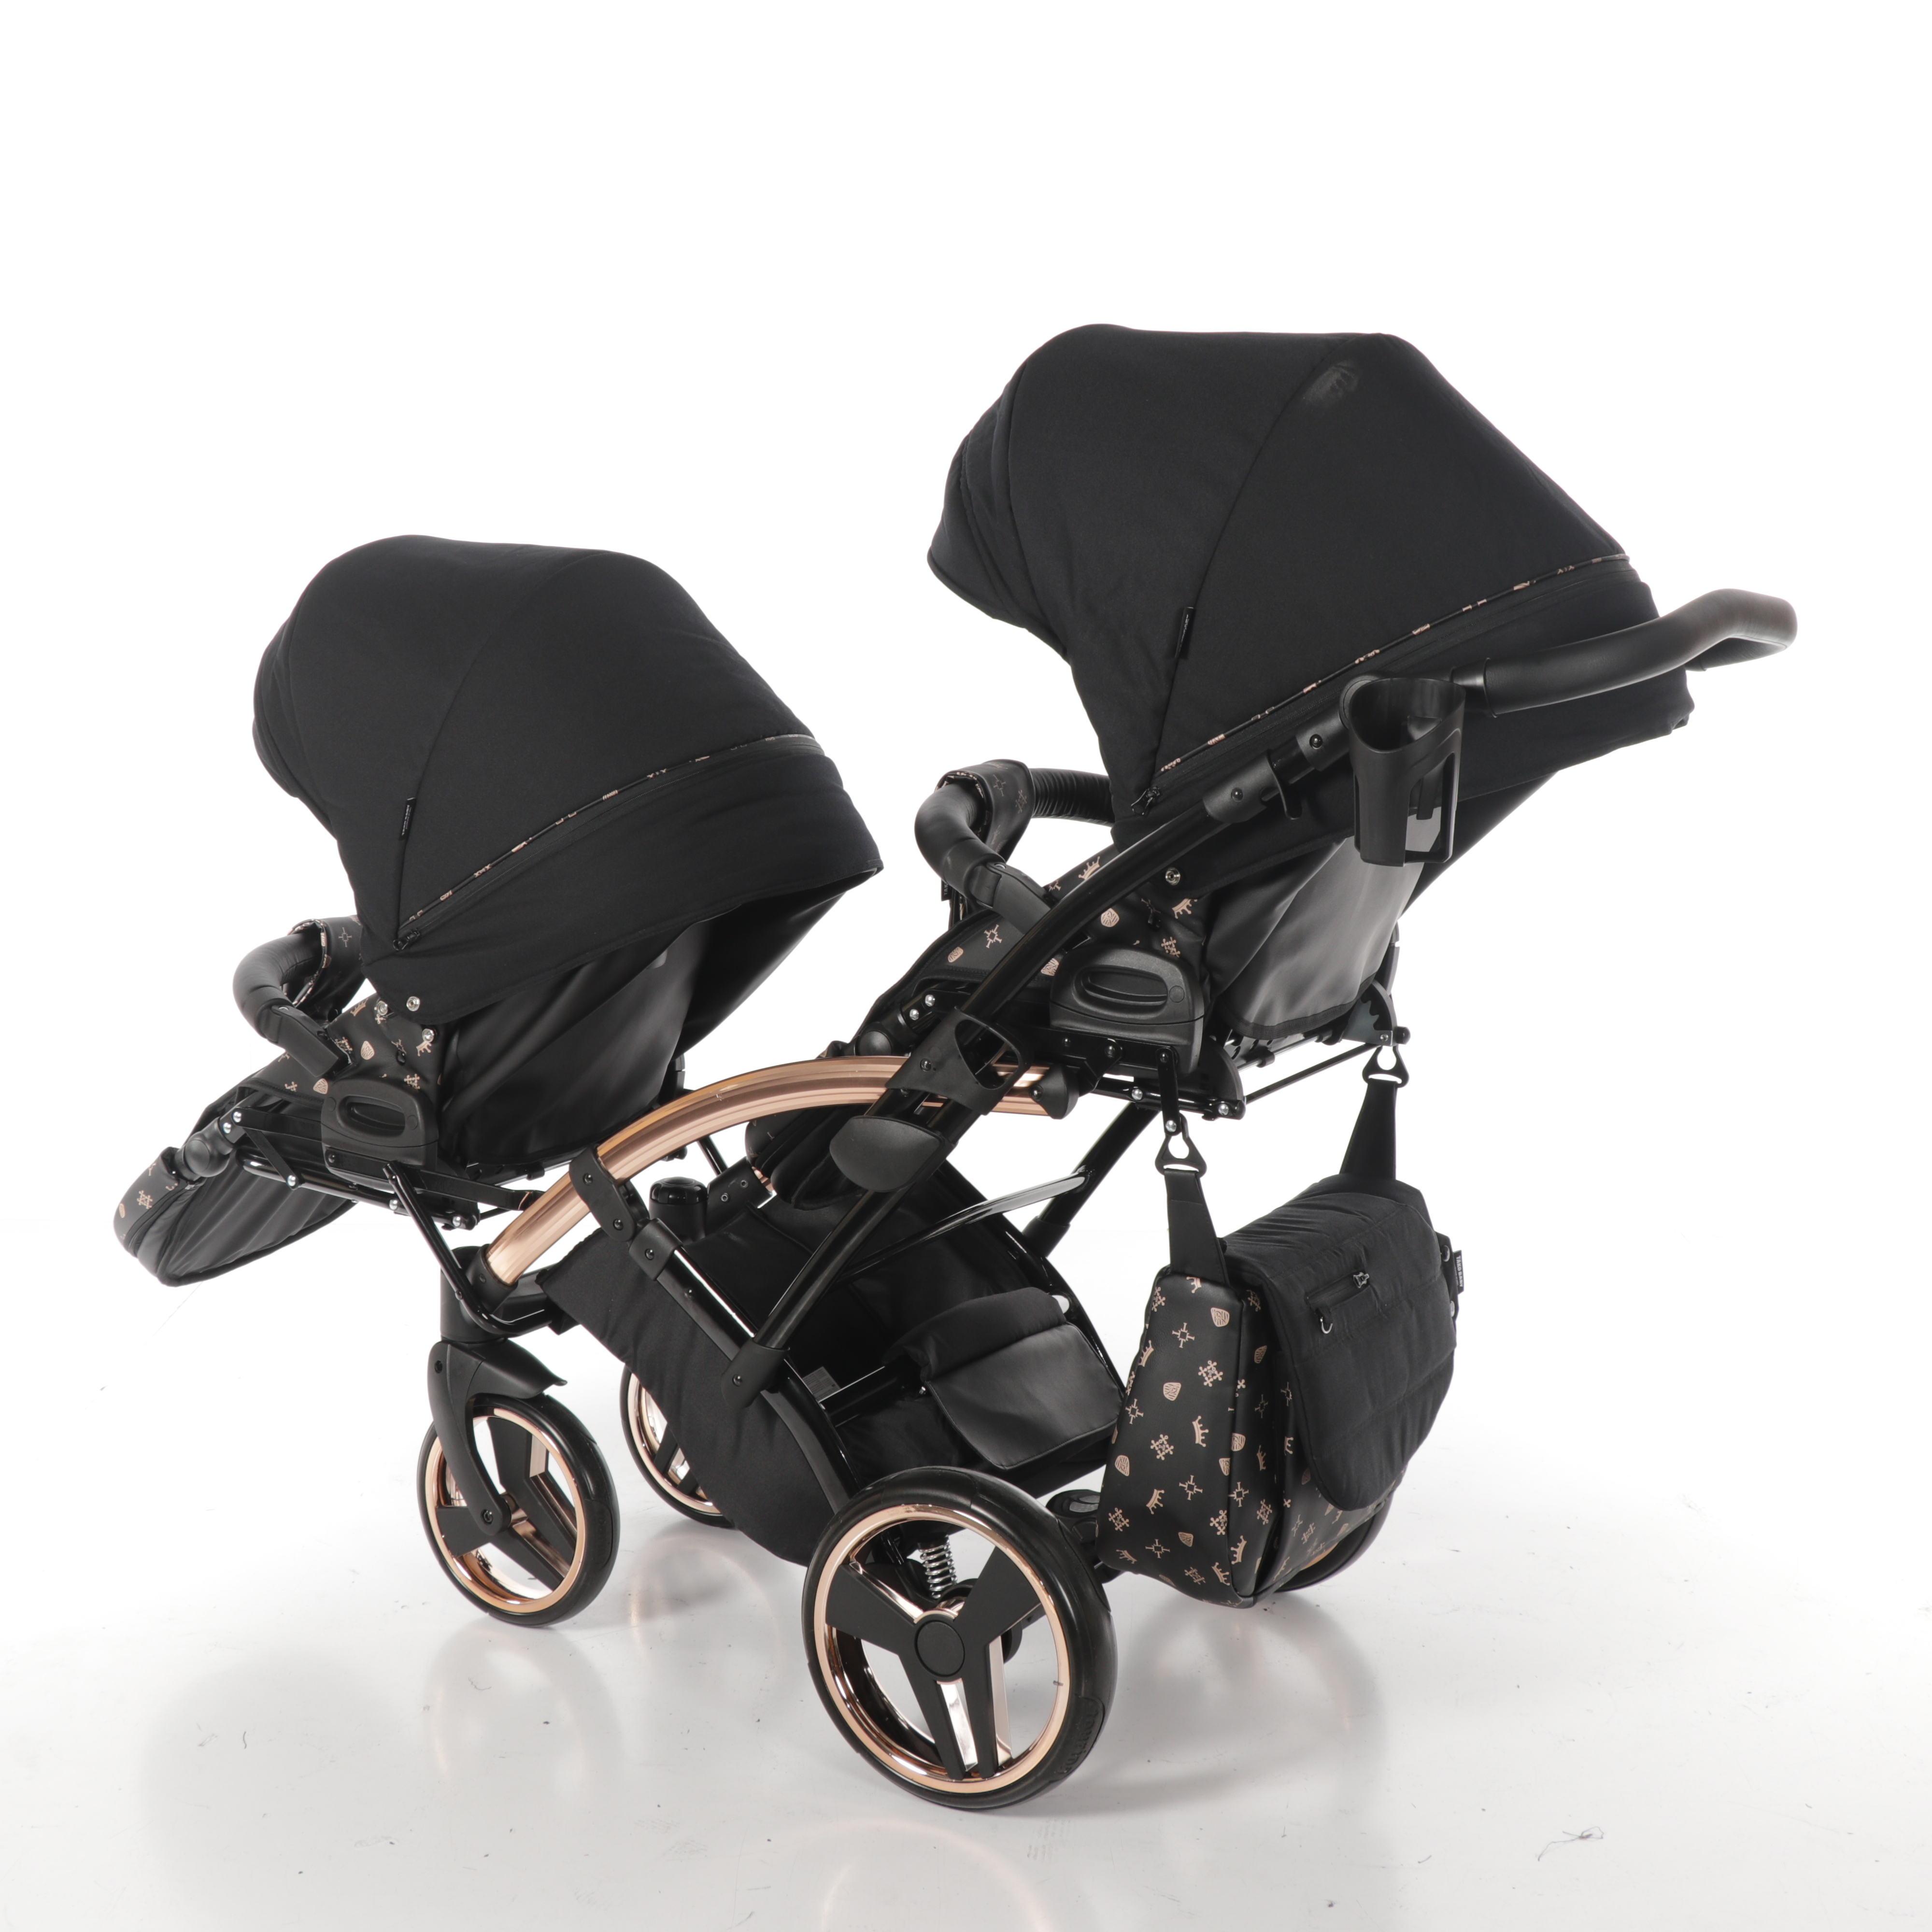 wielofunkcyjny wózek bliźniaczy Laret Imperial Tako spacerowy Dadi Shop